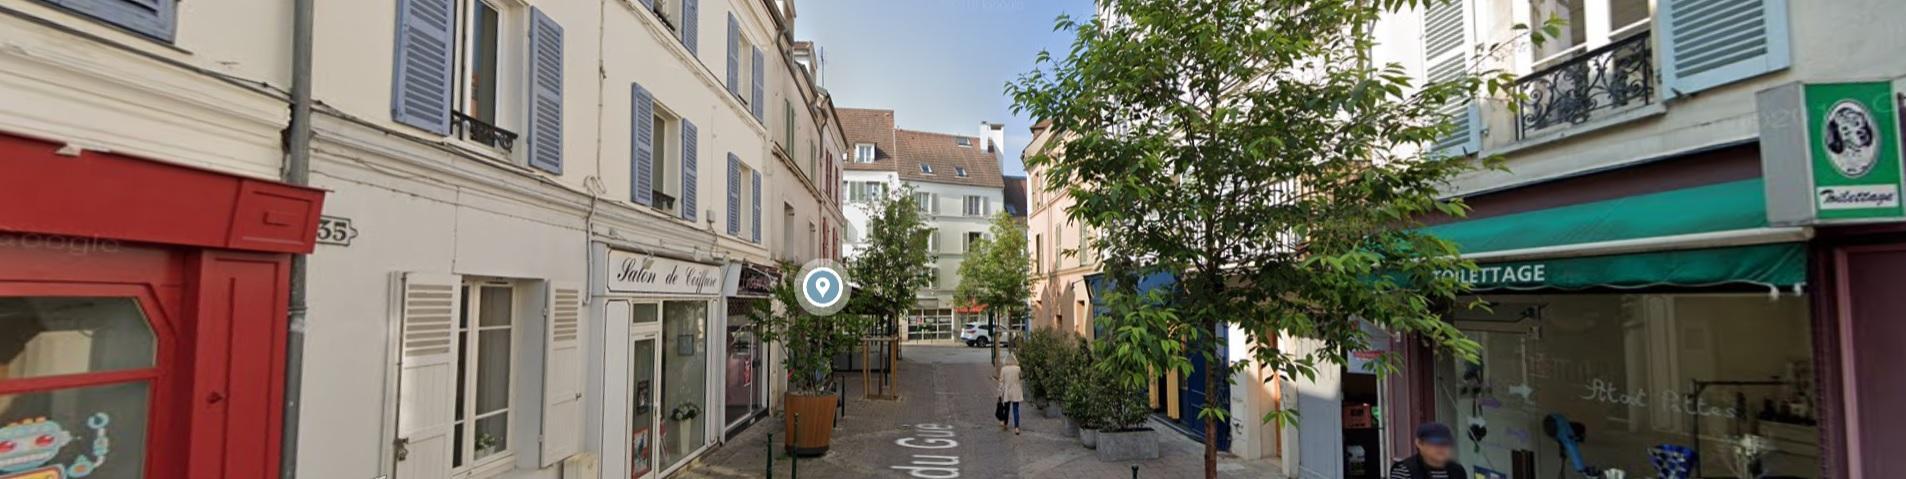 Visuel rue du gue 1